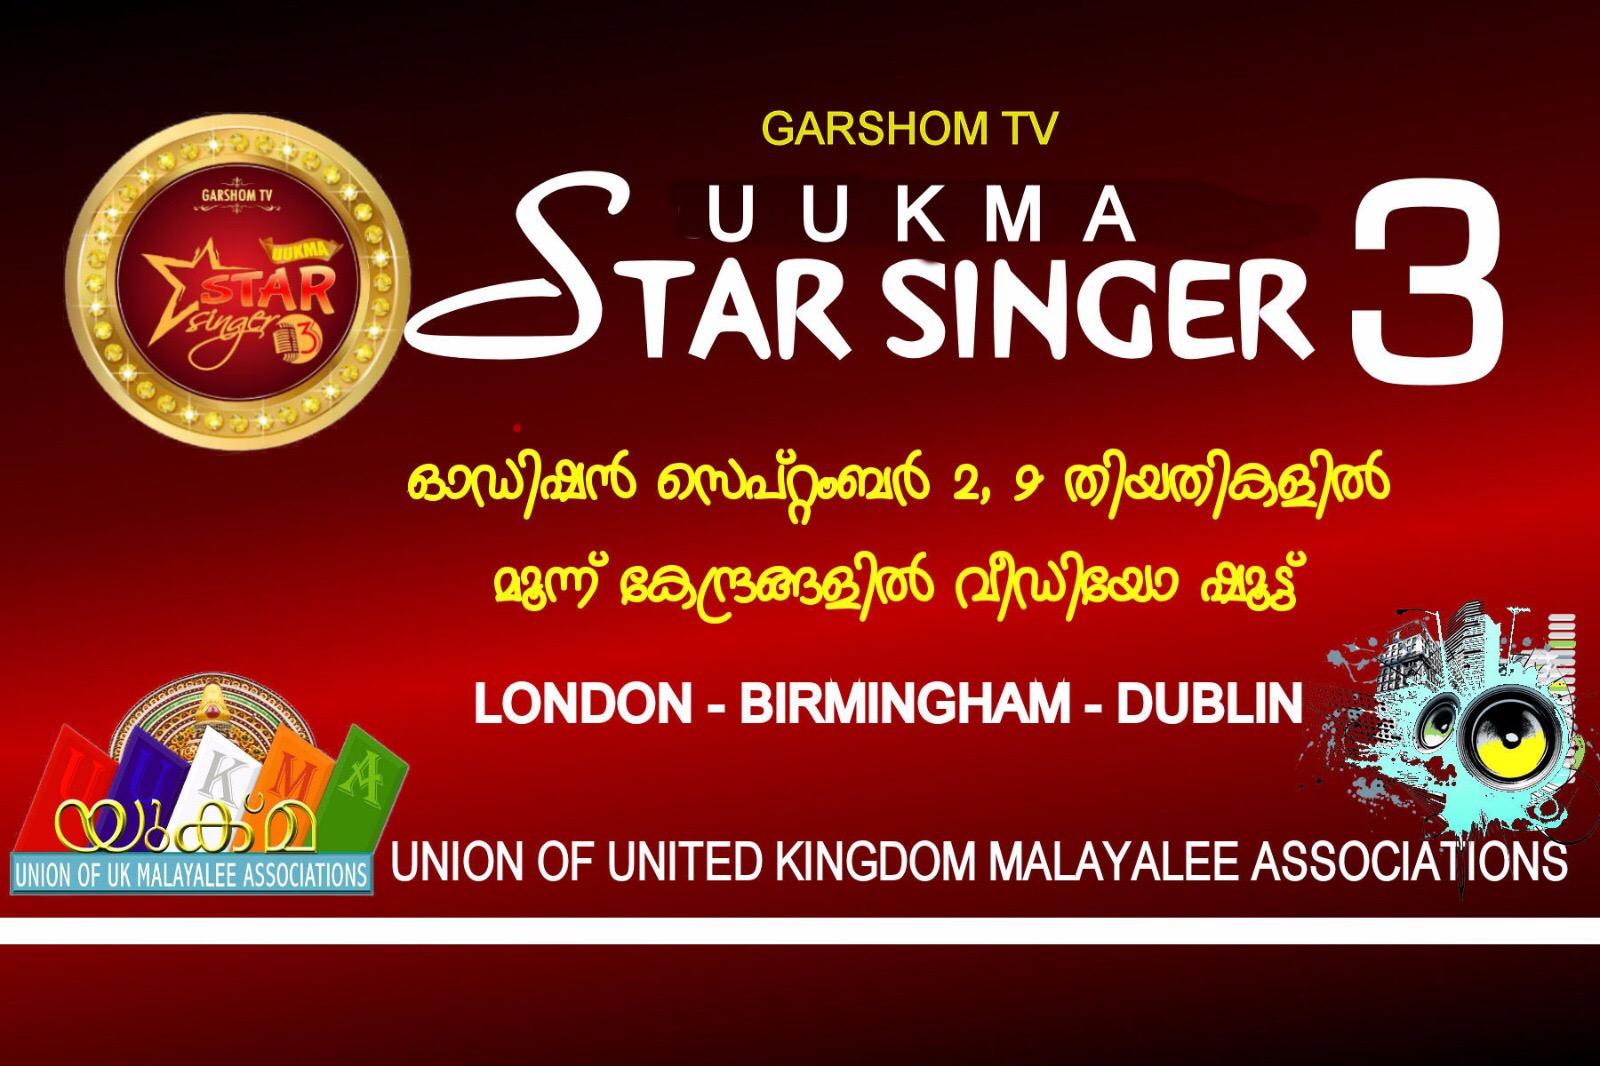 http://uukmanews.com/uukma-star-singer-3/